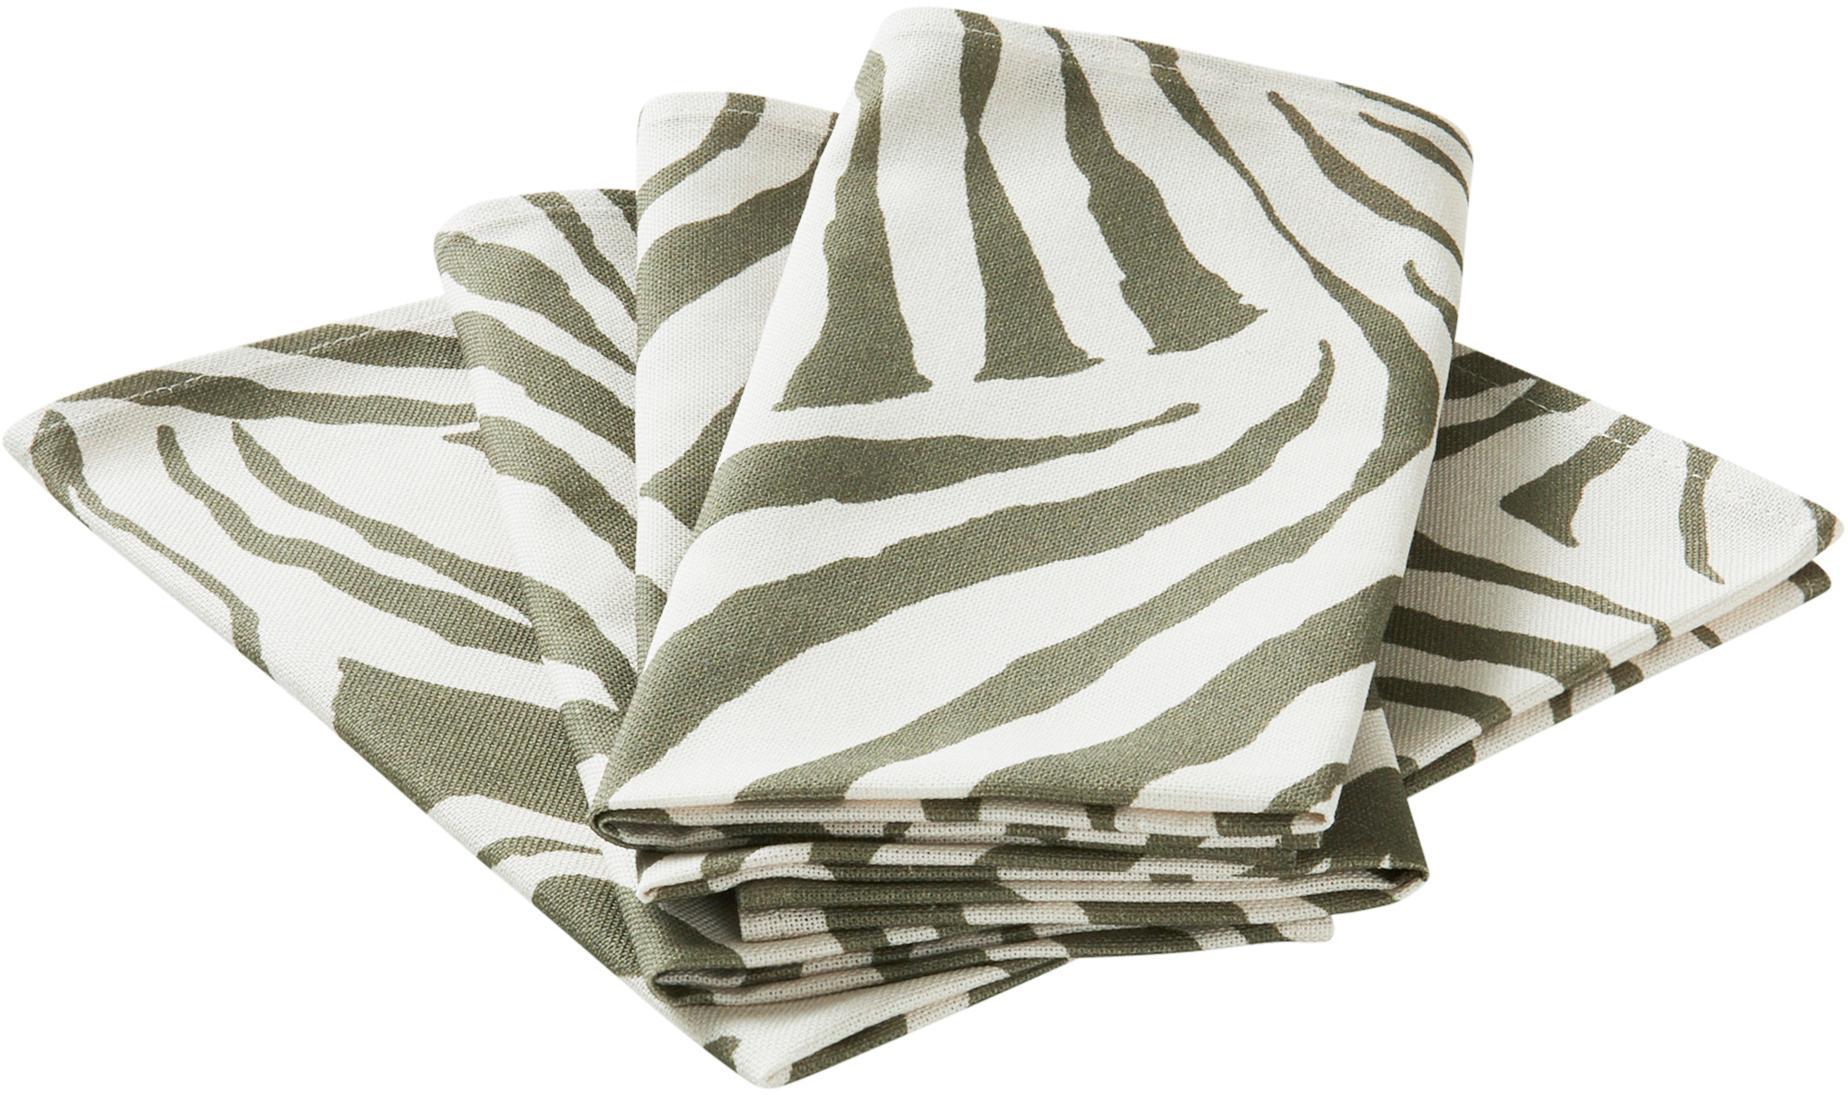 Baumwoll-Servietten Zadie, 4 Stück, 100% Baumwolle, aus nachhaltigem Baumwollanbau, Olivgrün, Cremeweiß, 45 x 45 cm